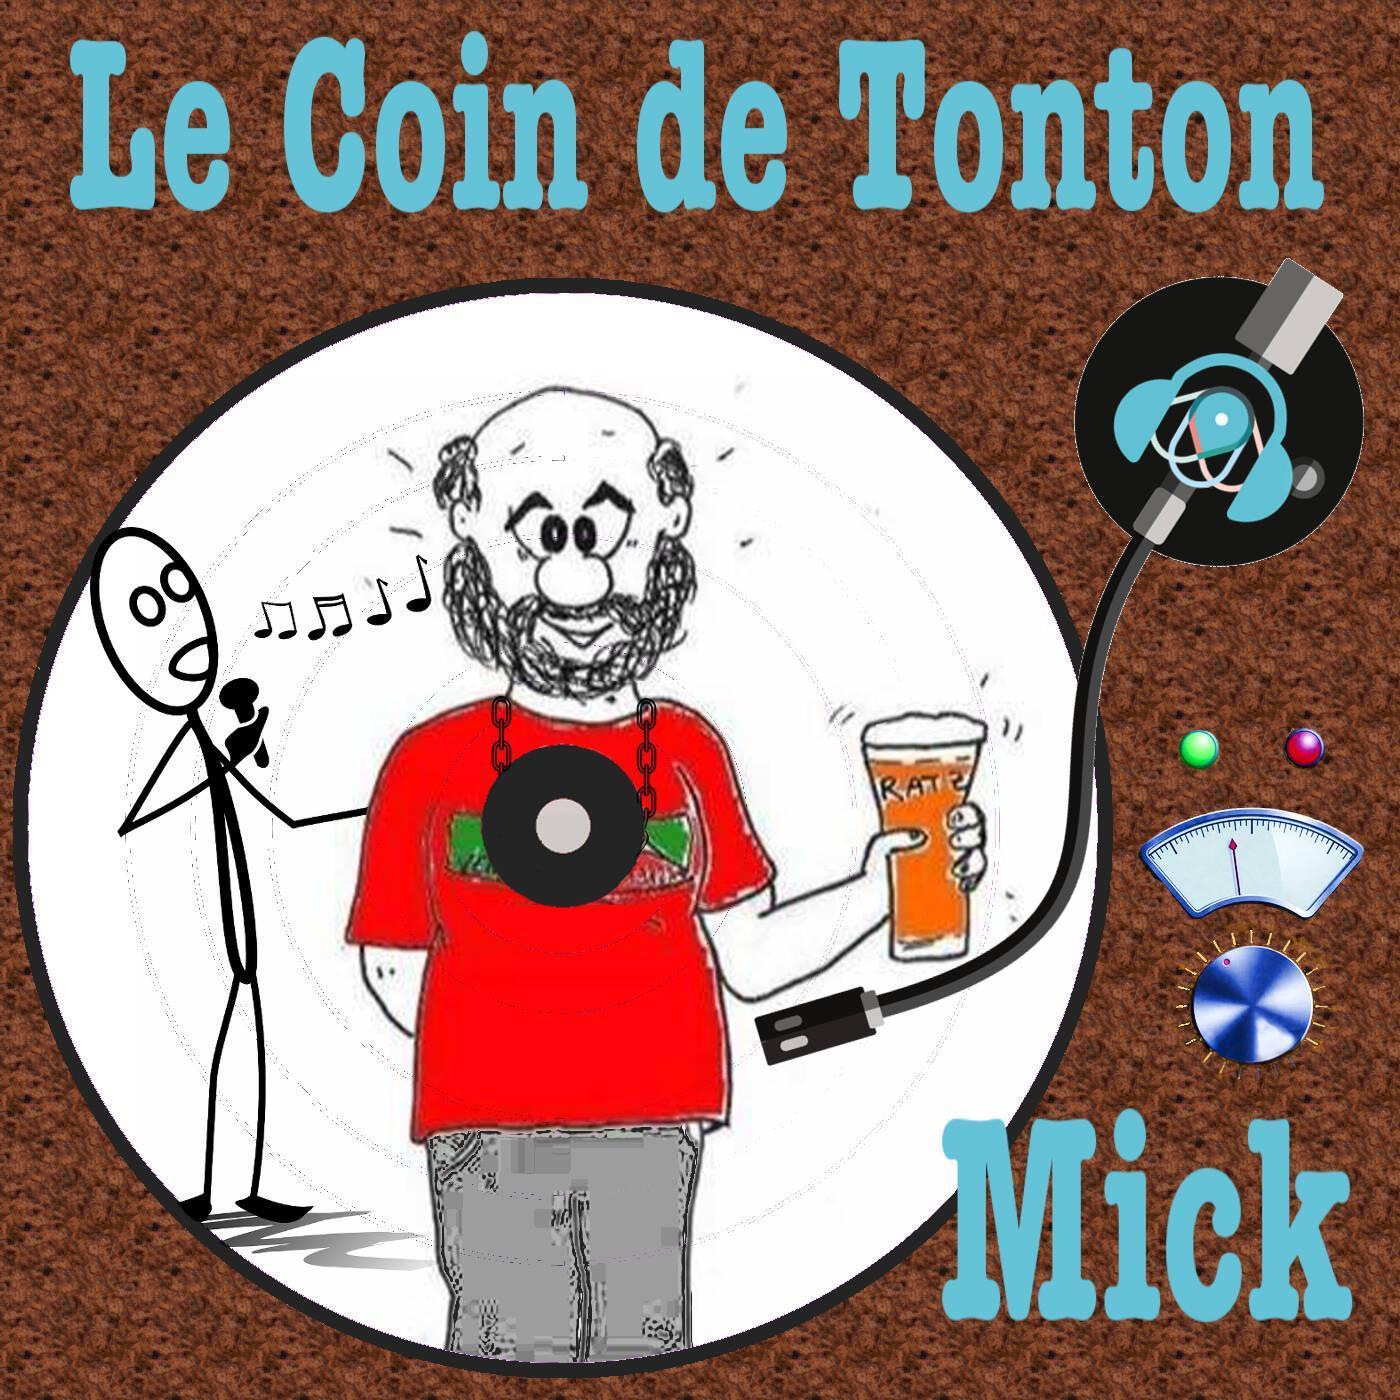 LE COIN DE TONTON MICK S1E22 - En direct et en acoustique